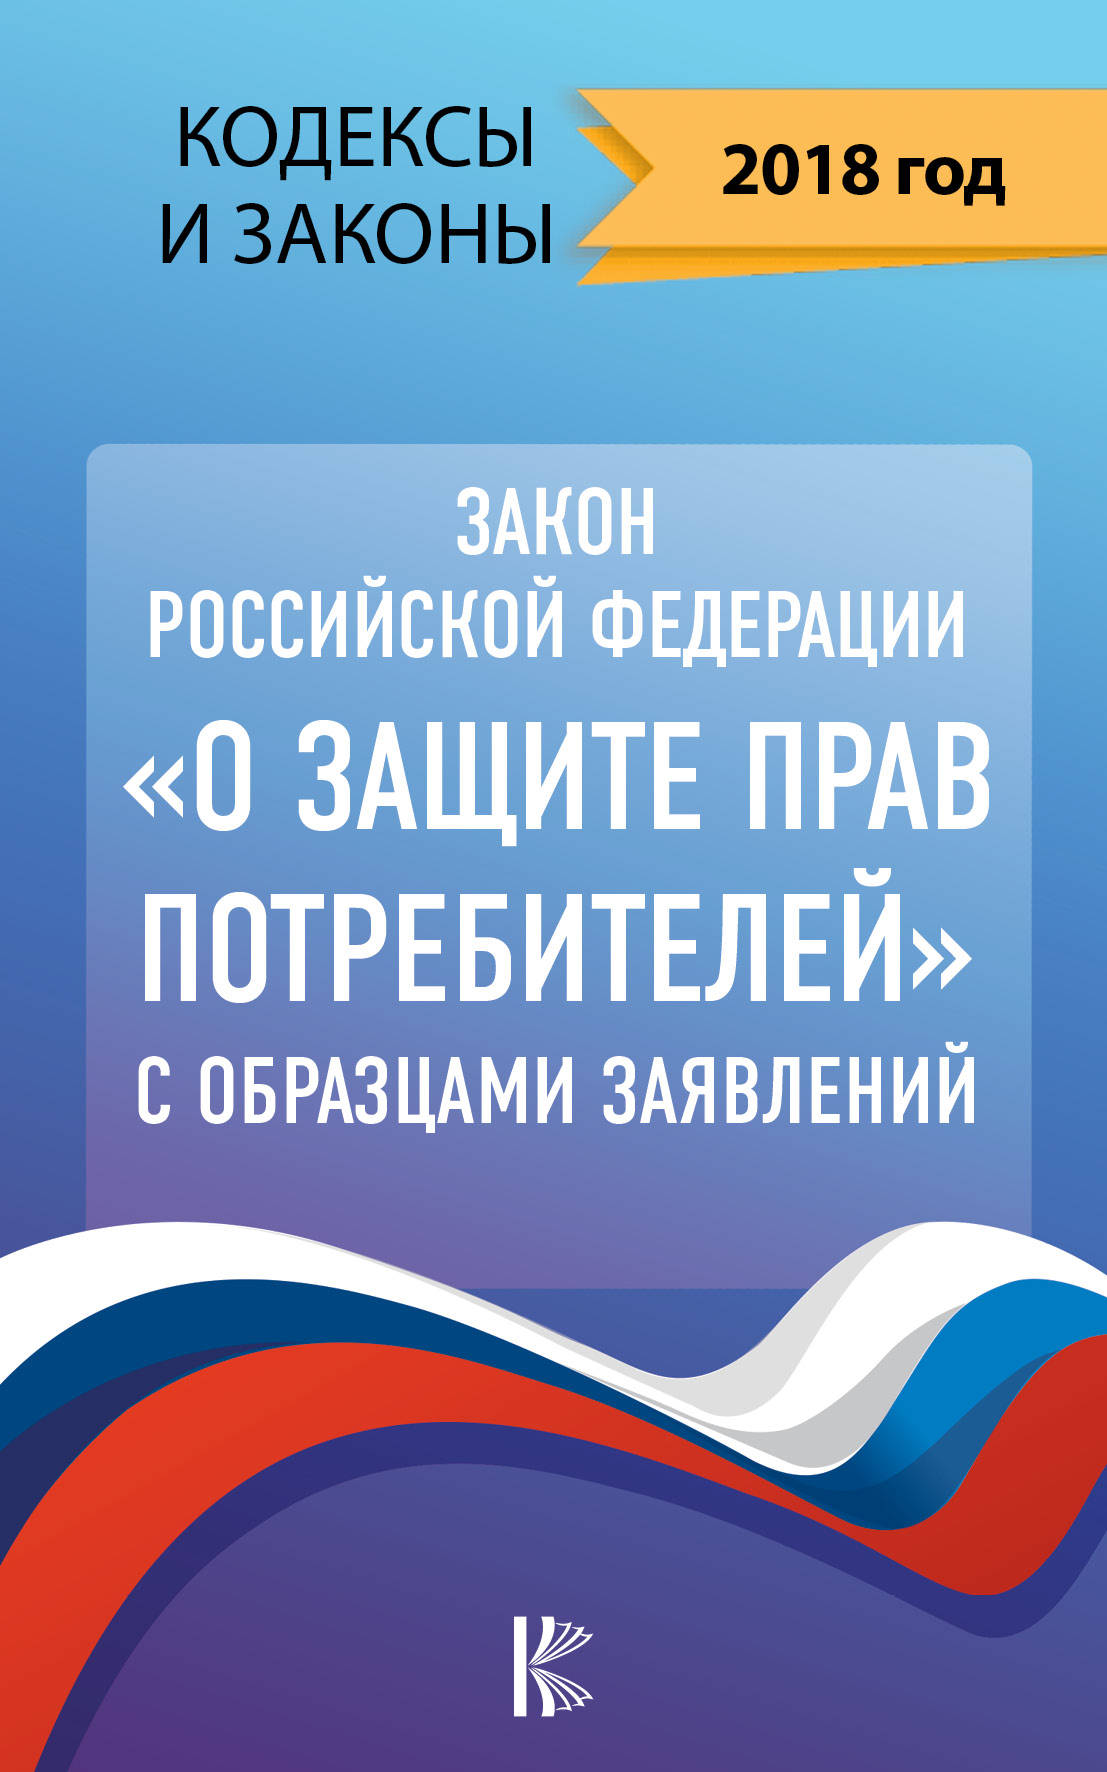 Закон Российской Федерации О защите прав потребителей с образцами заявлений на 2018 год нормативные правовые акты закон рф о защите прав потребителей с комментариями к закону и образцами заявлений на 2019 год